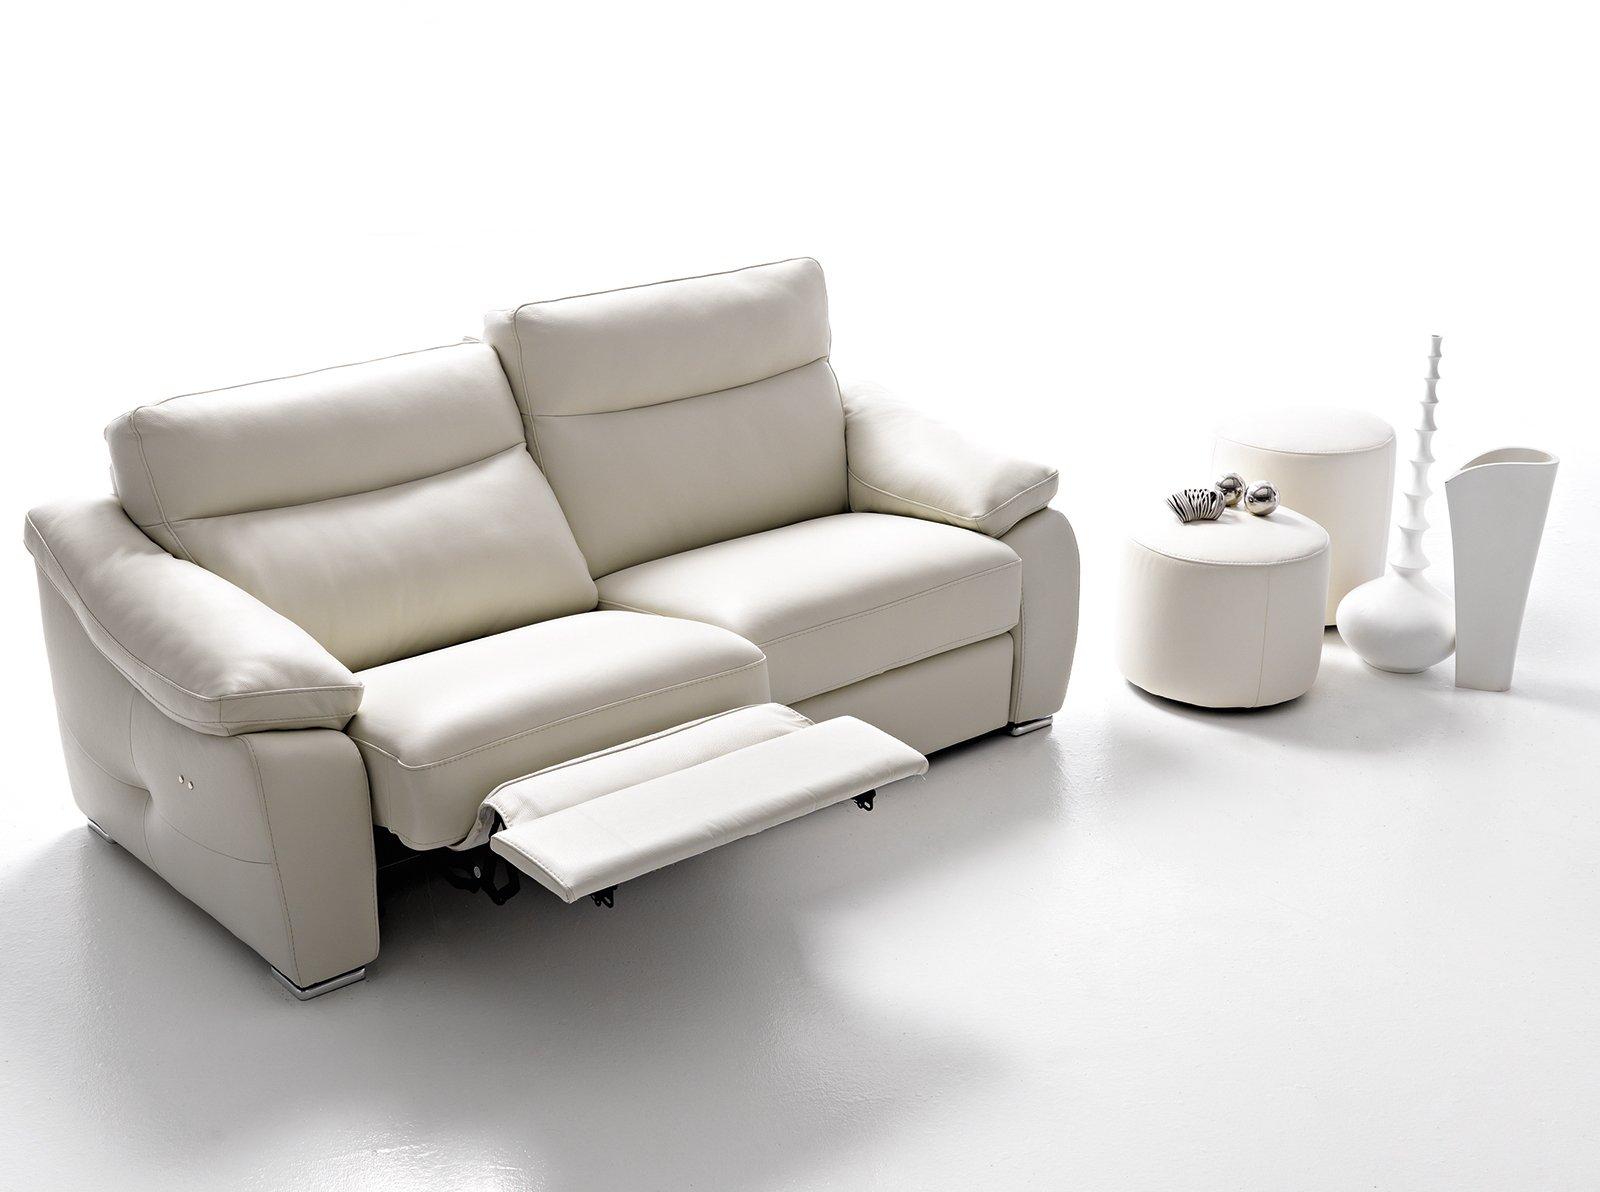 Divani con meccanismi per ogni tipo di relax cose di casa for Divani con gambe